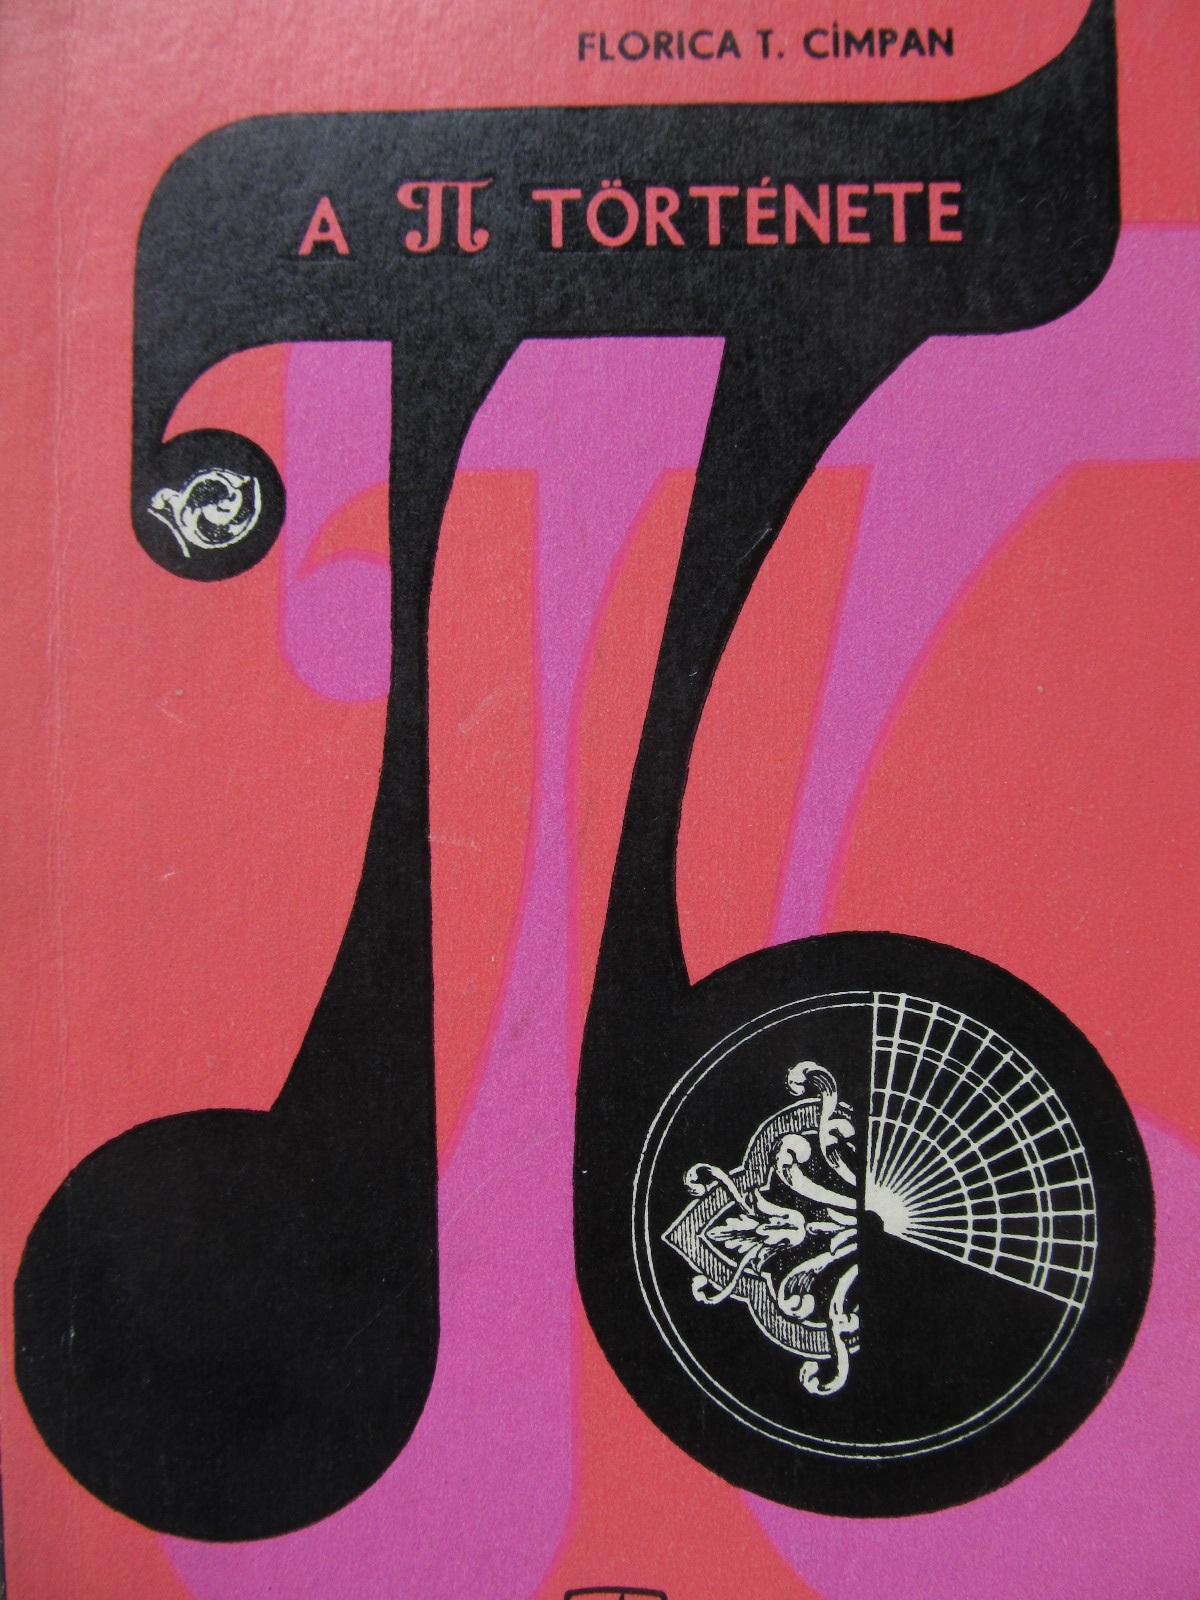 A Pi tortenete - Florica T. Campan | Detalii carte